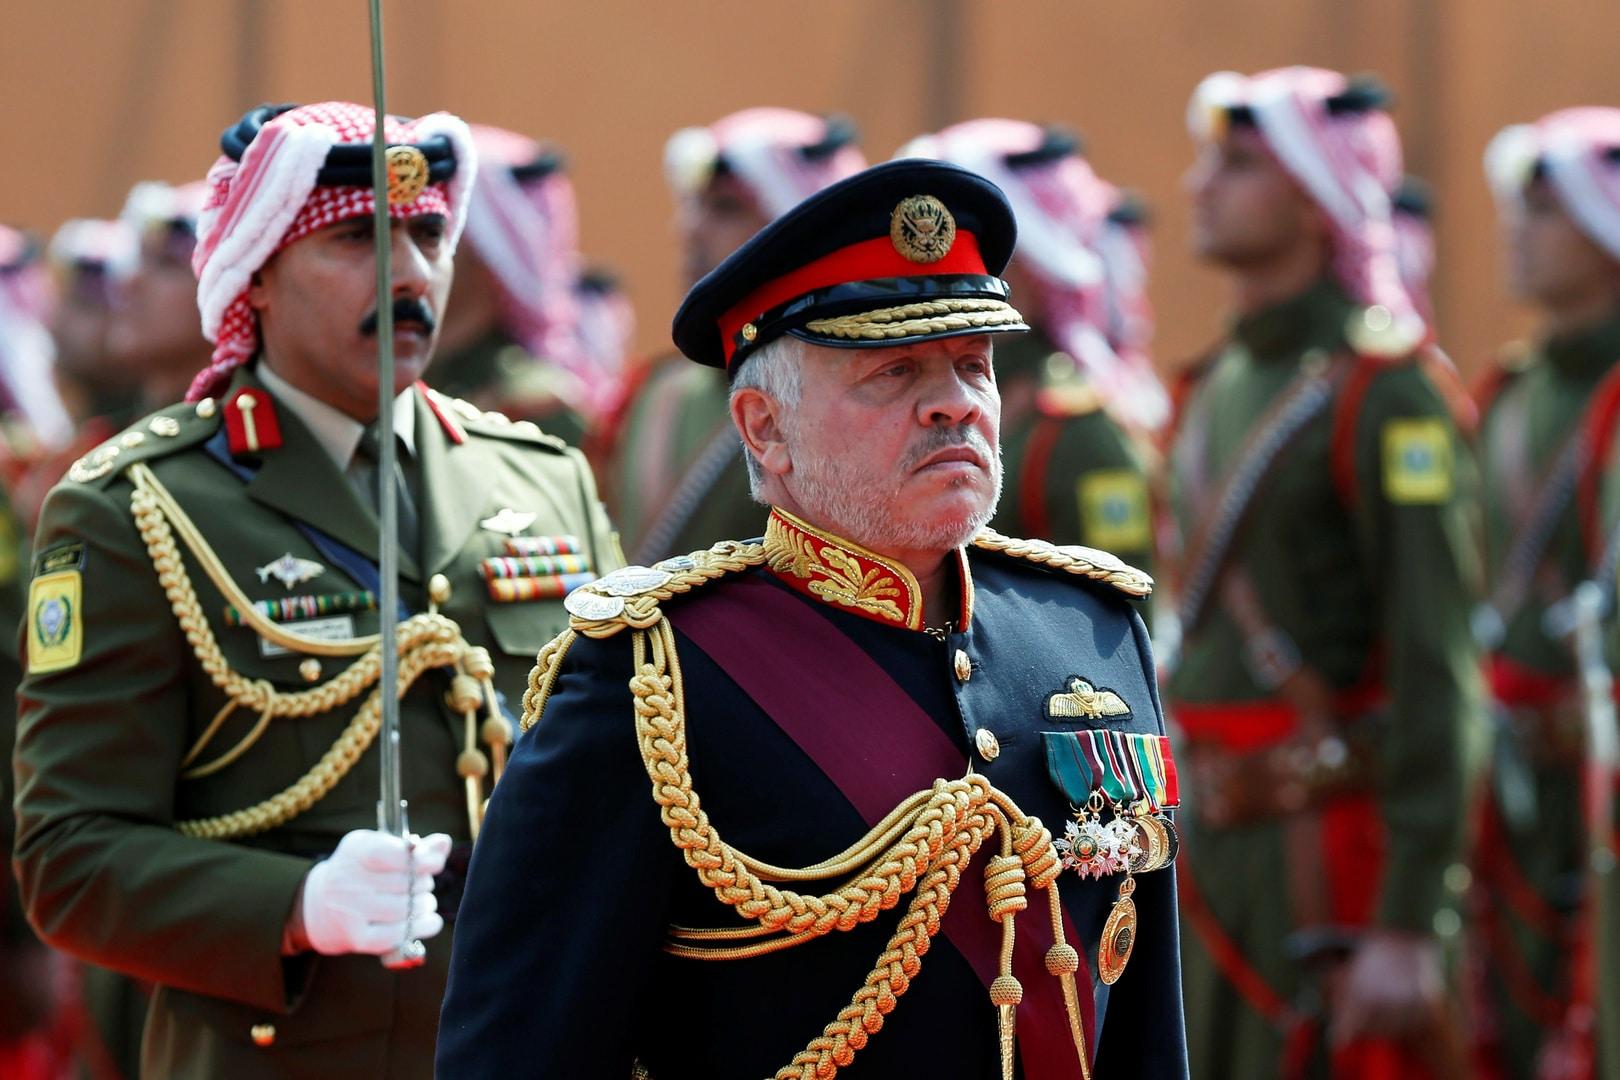 يديعوت تكشف دور ولي عهد السعودية في انقلاب الأردن الفاشل ونتنياهو كان على علم بكل شيء